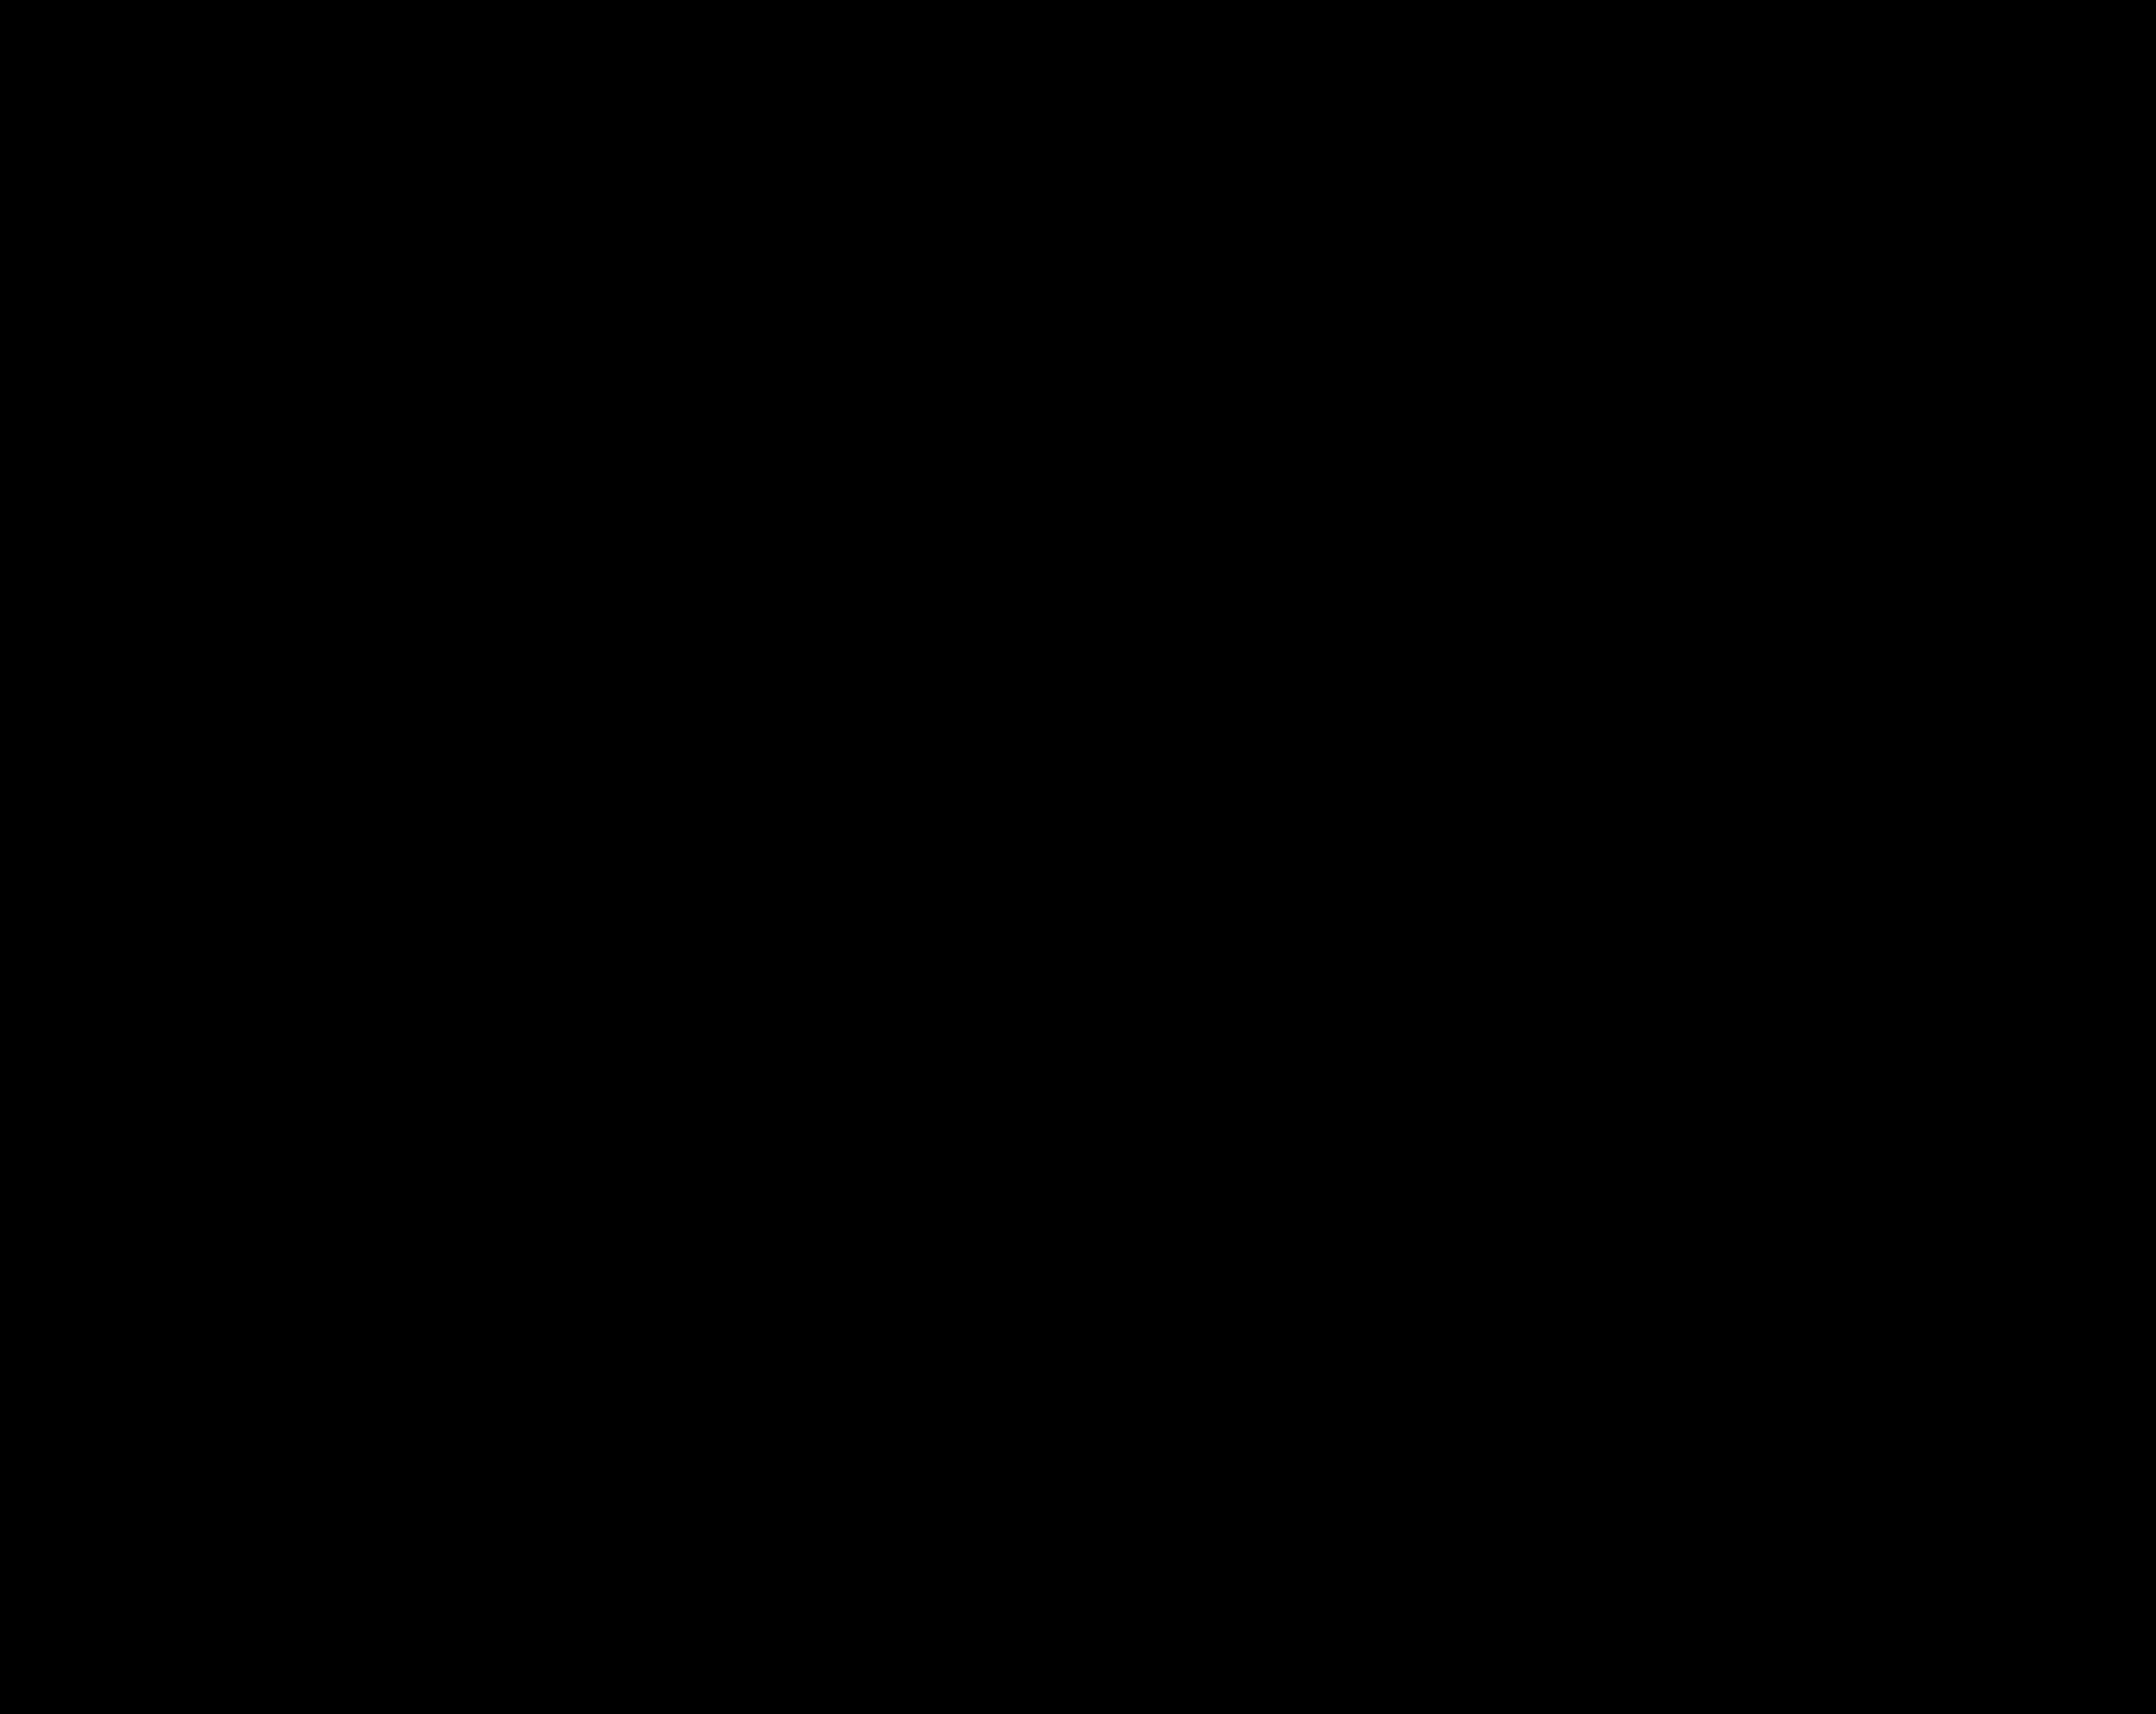 2400x1908 Brds Clipart Doodle